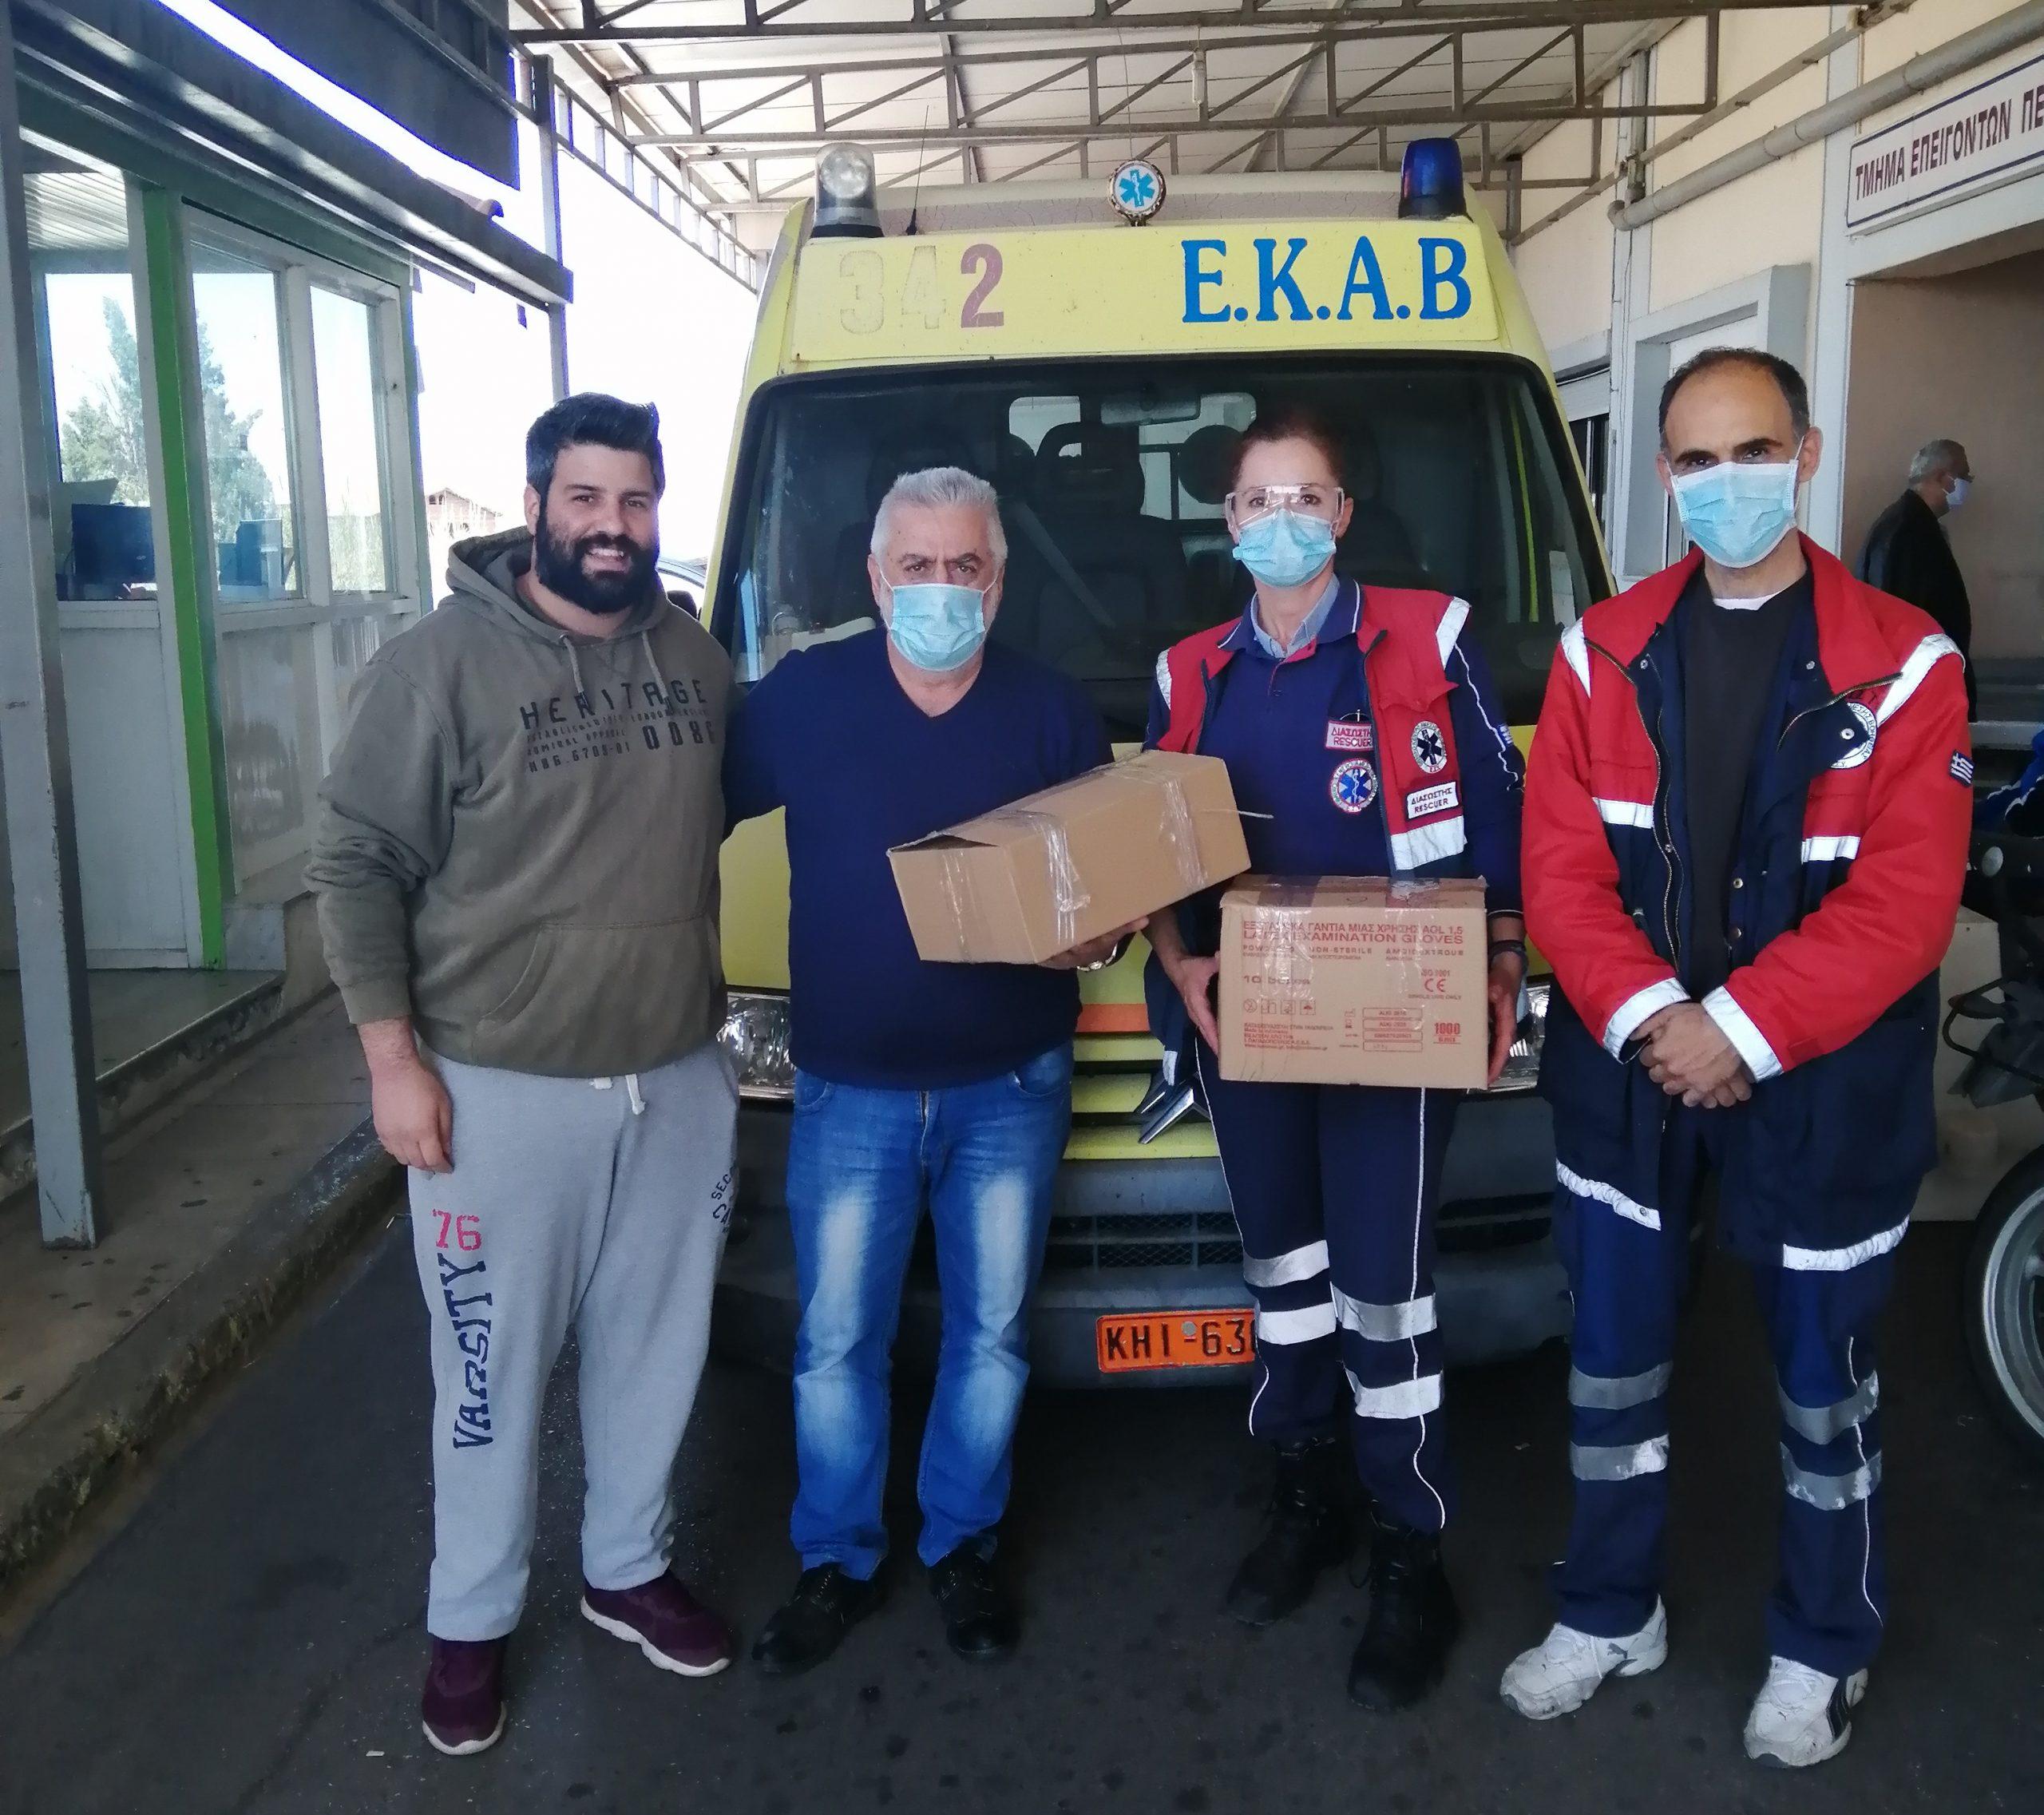 Κορωνοϊός: Προσφορά στολών στο νοσοκομείο και στο ΕΚΑΒ από τη ΝΔ Μεσολογγίου